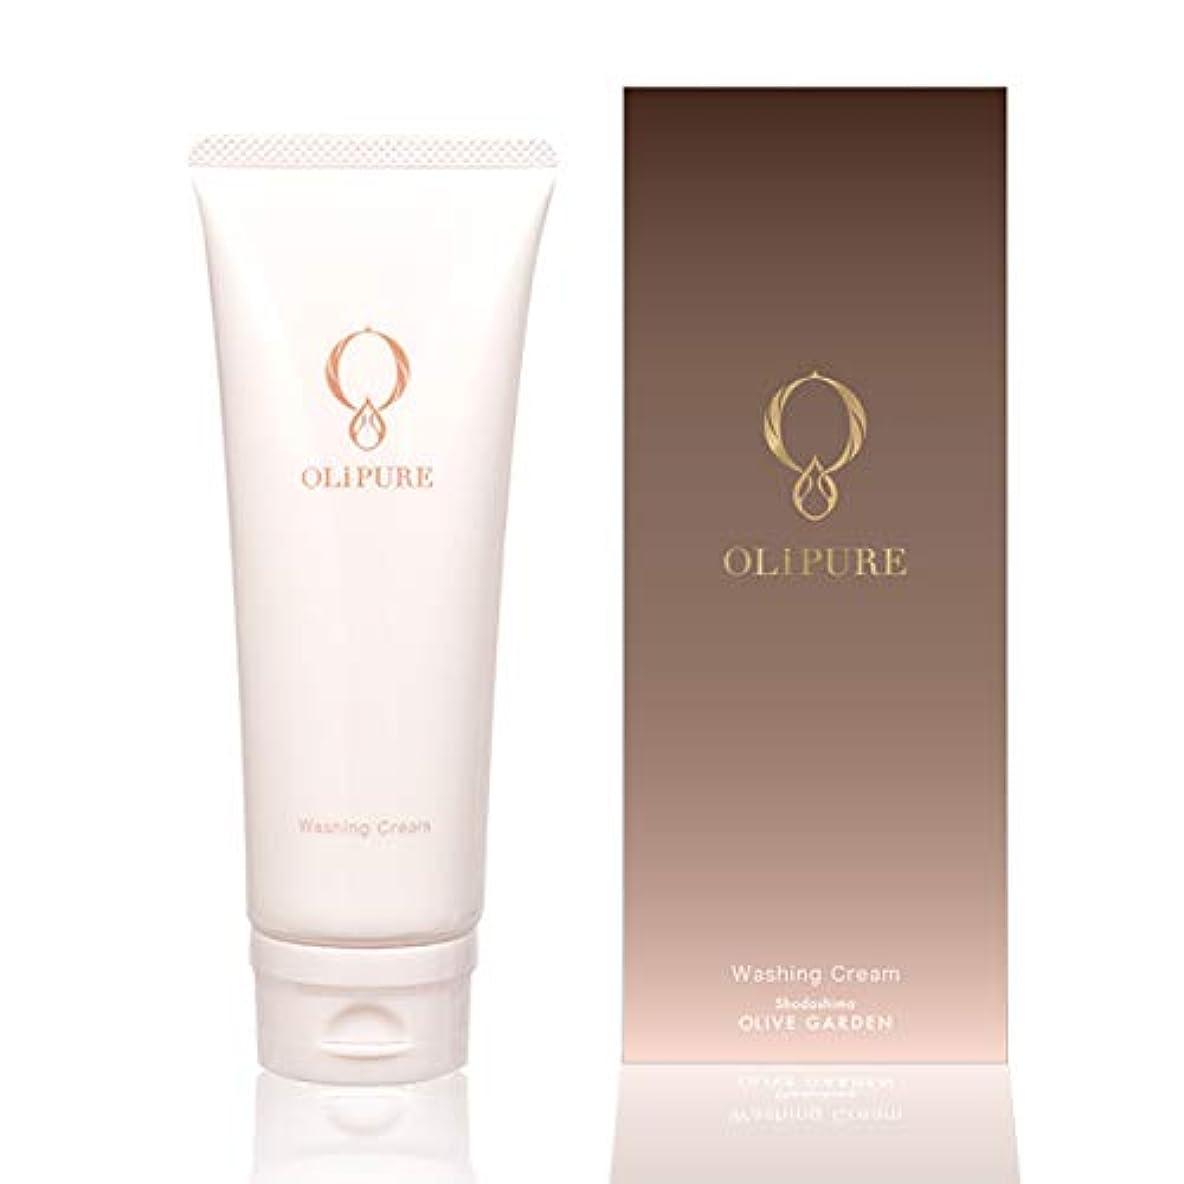 値人生を作るパトロンオリピュア ウォッシングクリーム100g 洗顔 OLiPURE Washing Cream